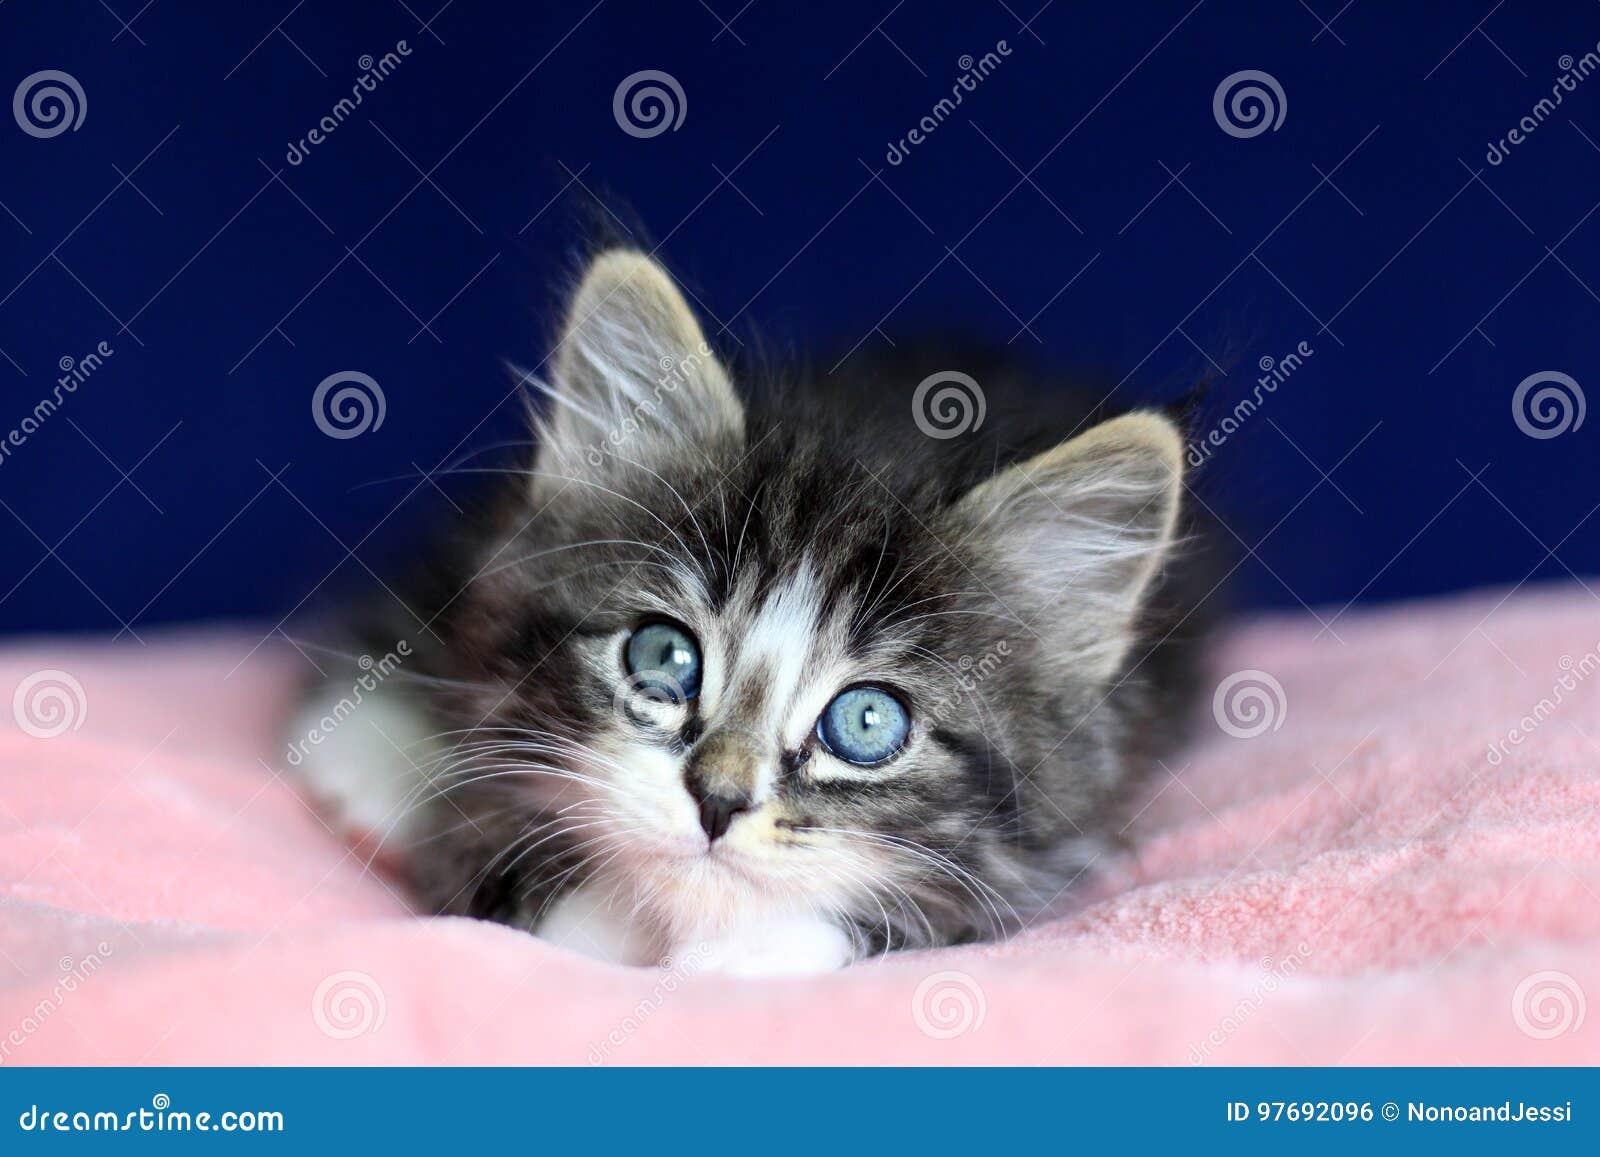 Ein graues Schwarzweiss der kleinen norwegischen Kätzchengetigerten katze in Lügenposition mit Augen zu hohem auf rosa Kissen und